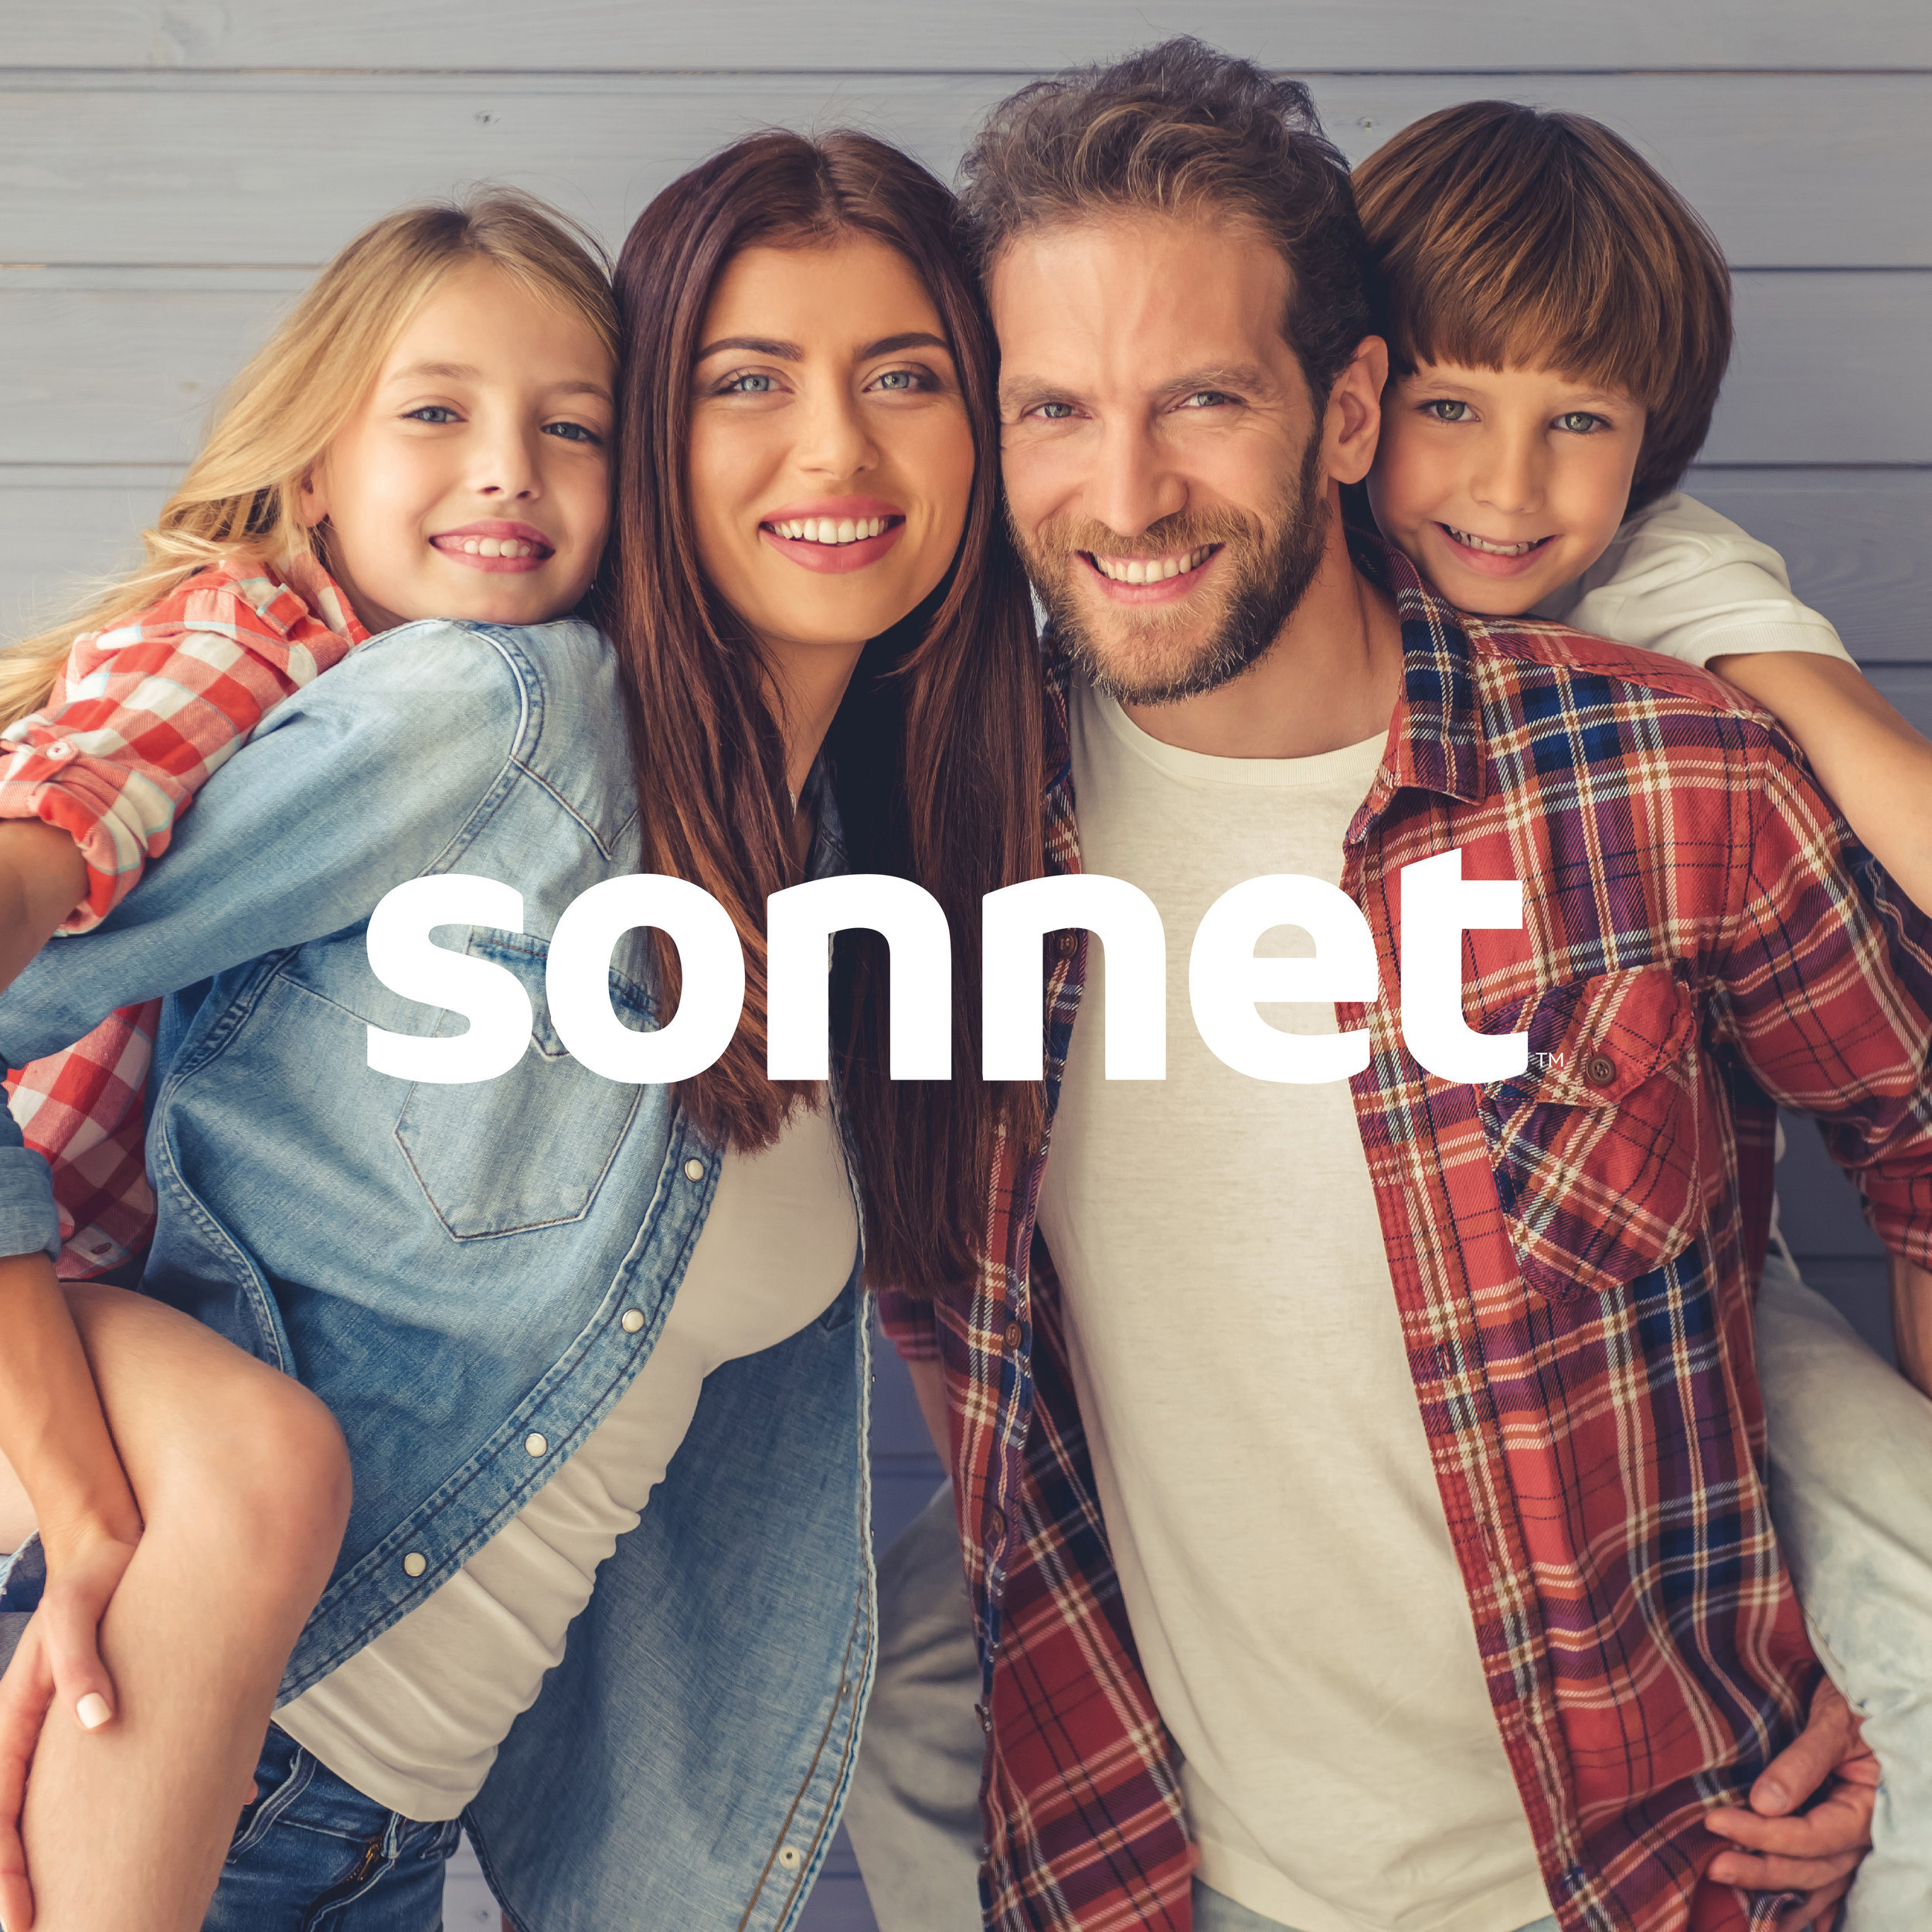 Sonnet (Economical Insurance)